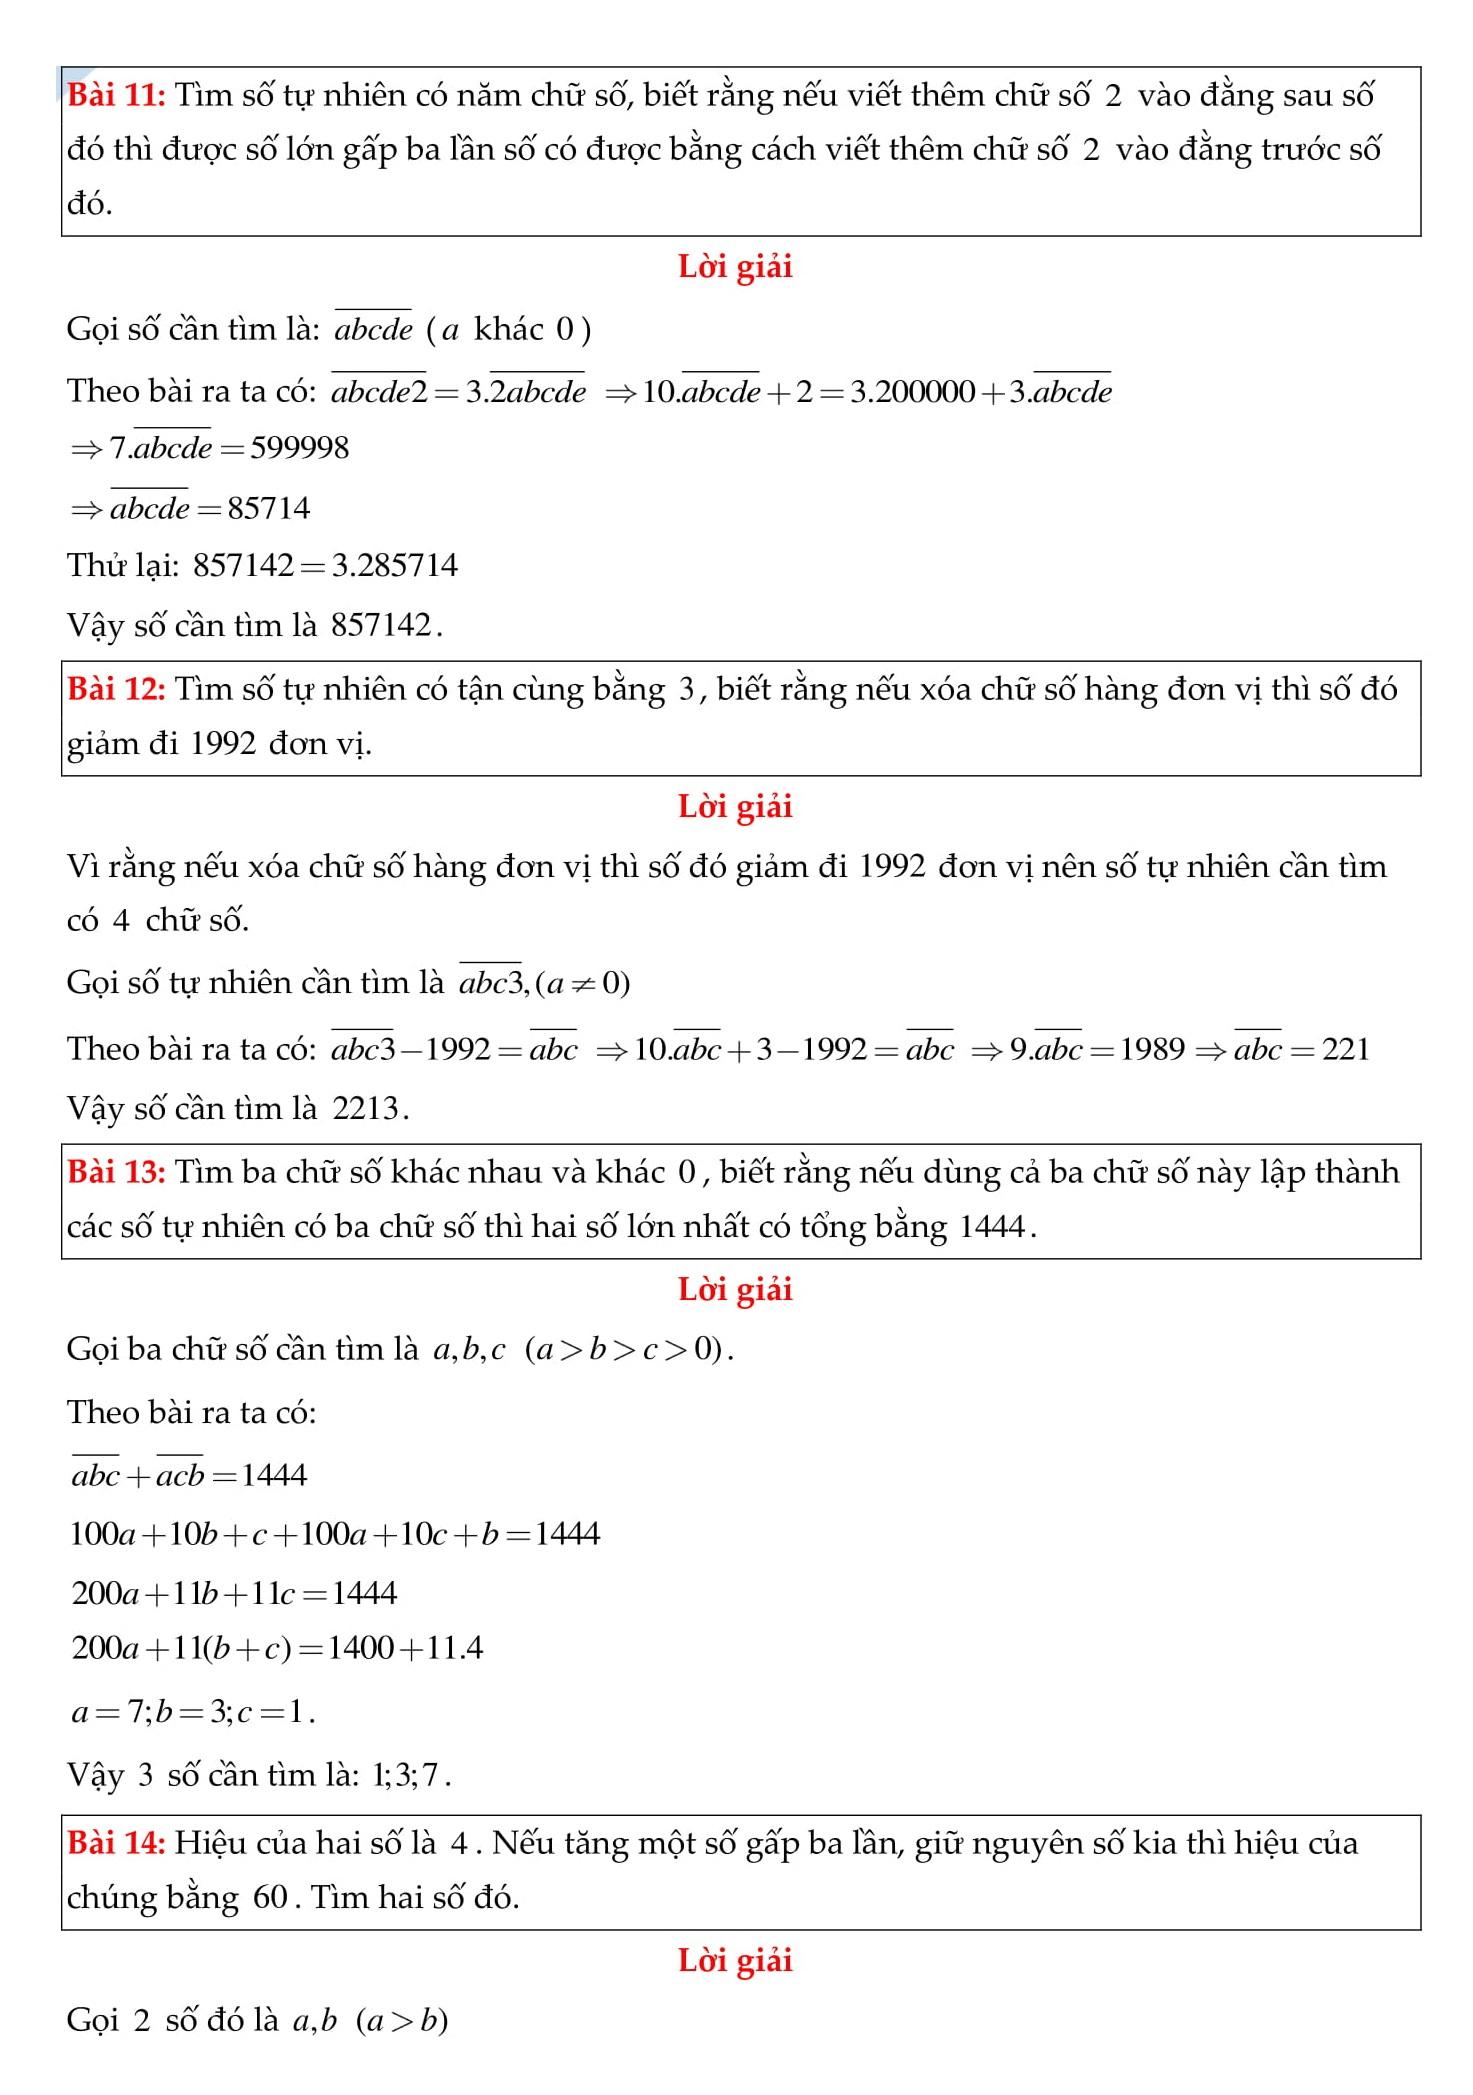 Chuyên đề 1: Tập hợp số tự nhiên - Toán 6